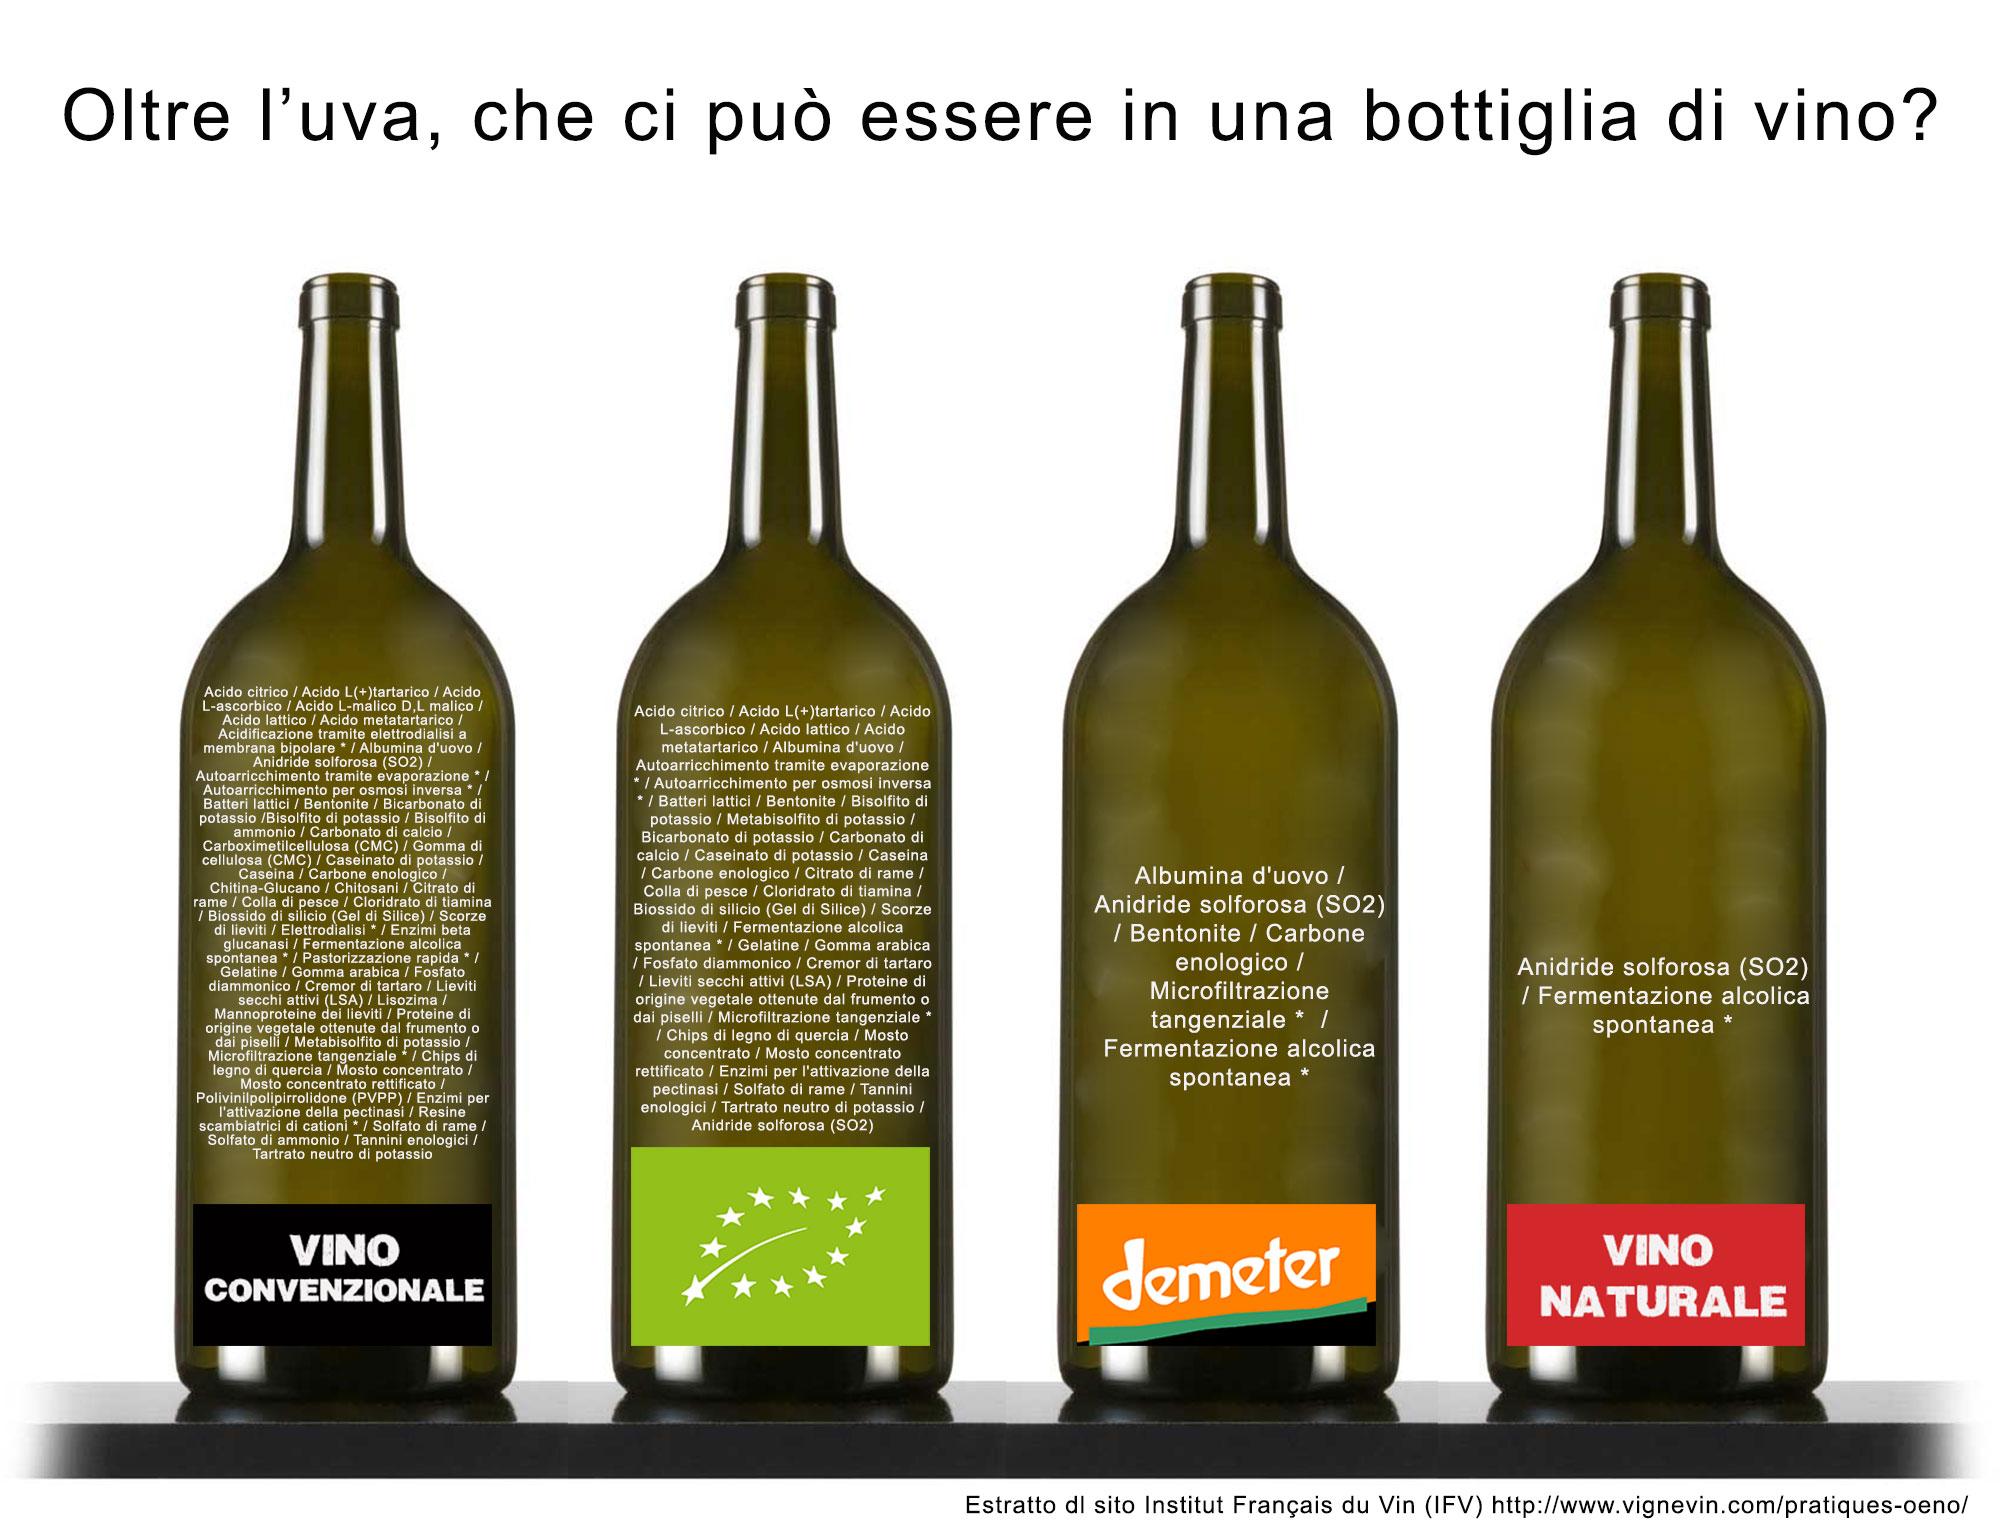 Additivi, ingredienti e processi nel vino